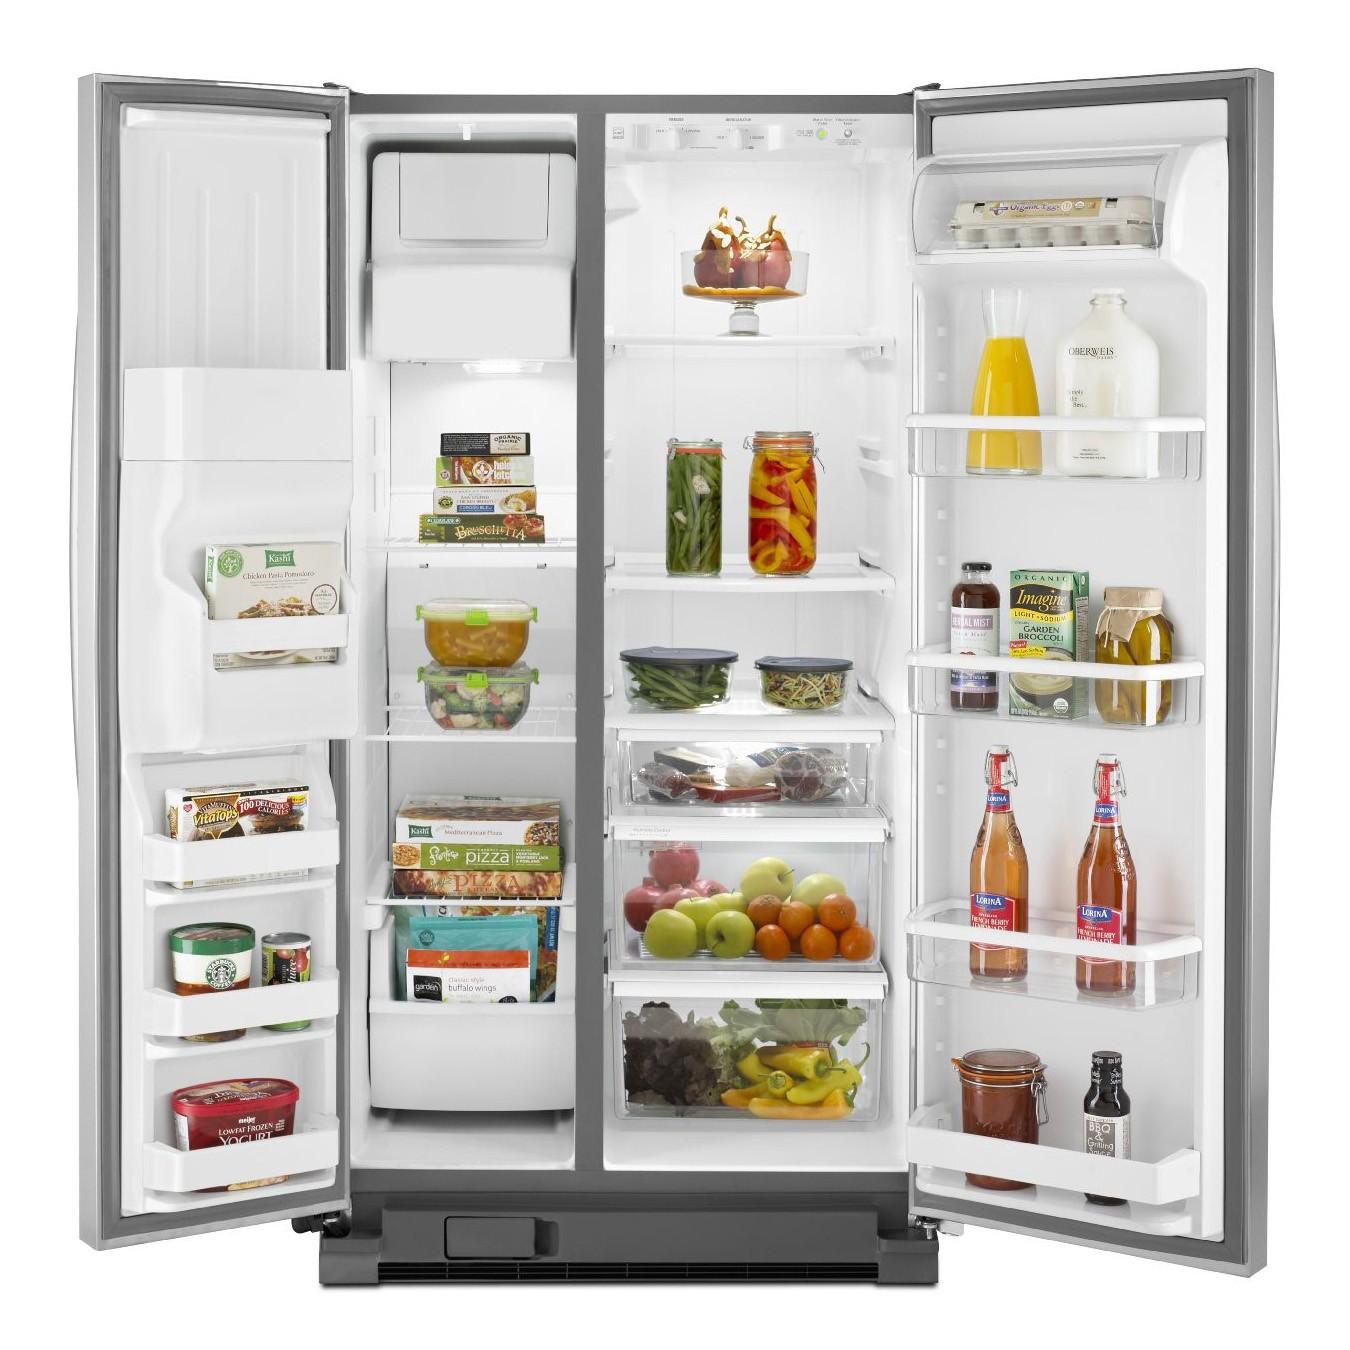 réfrigérateur whirlpool wrs325fdam - inox - electro tahiti